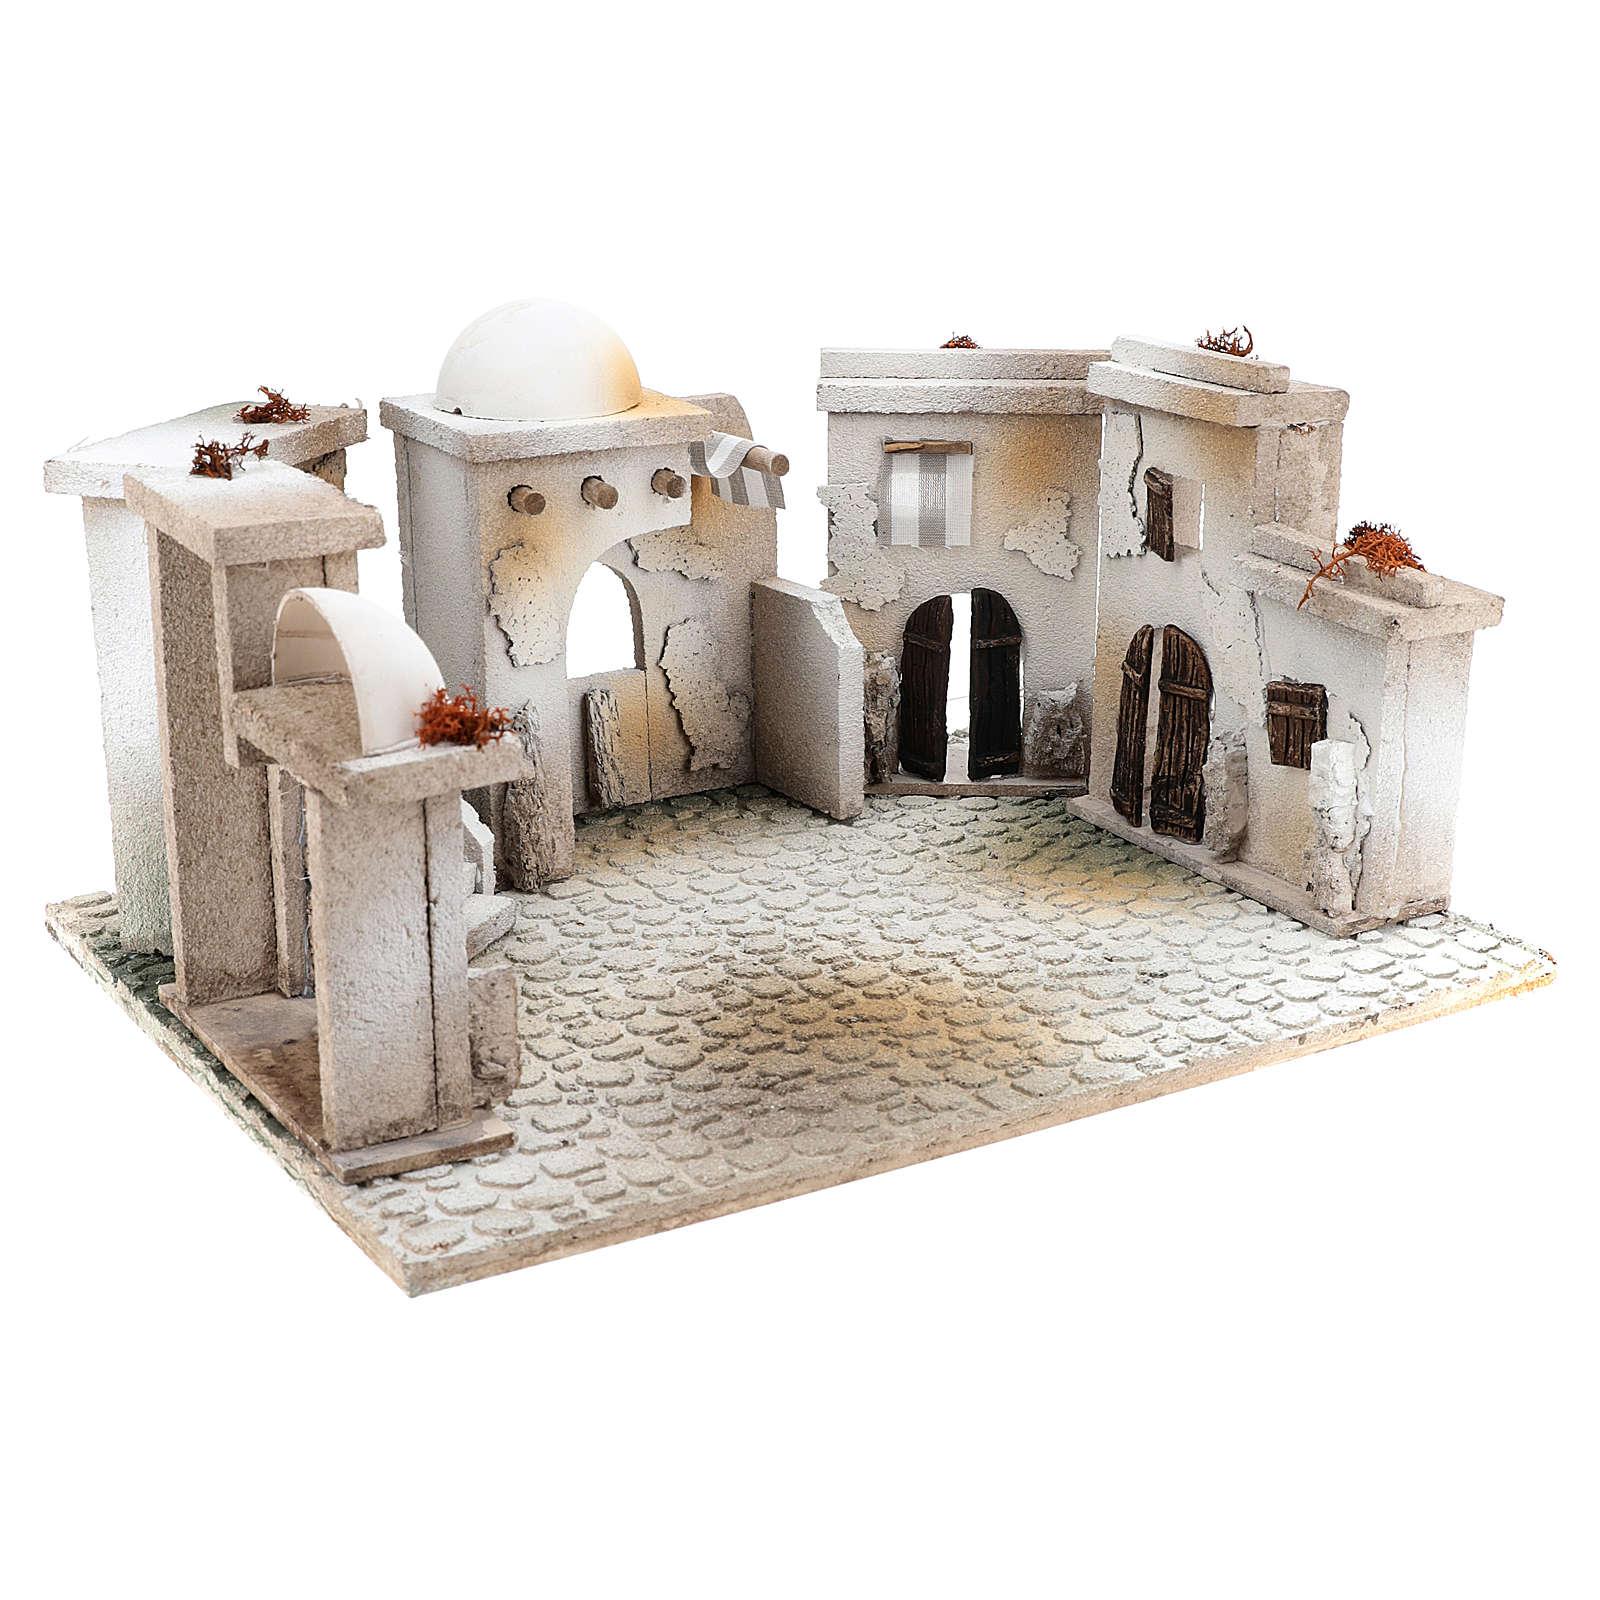 Ambientazione stile arabo di 20x40x30 cm presepe 7 cm 4